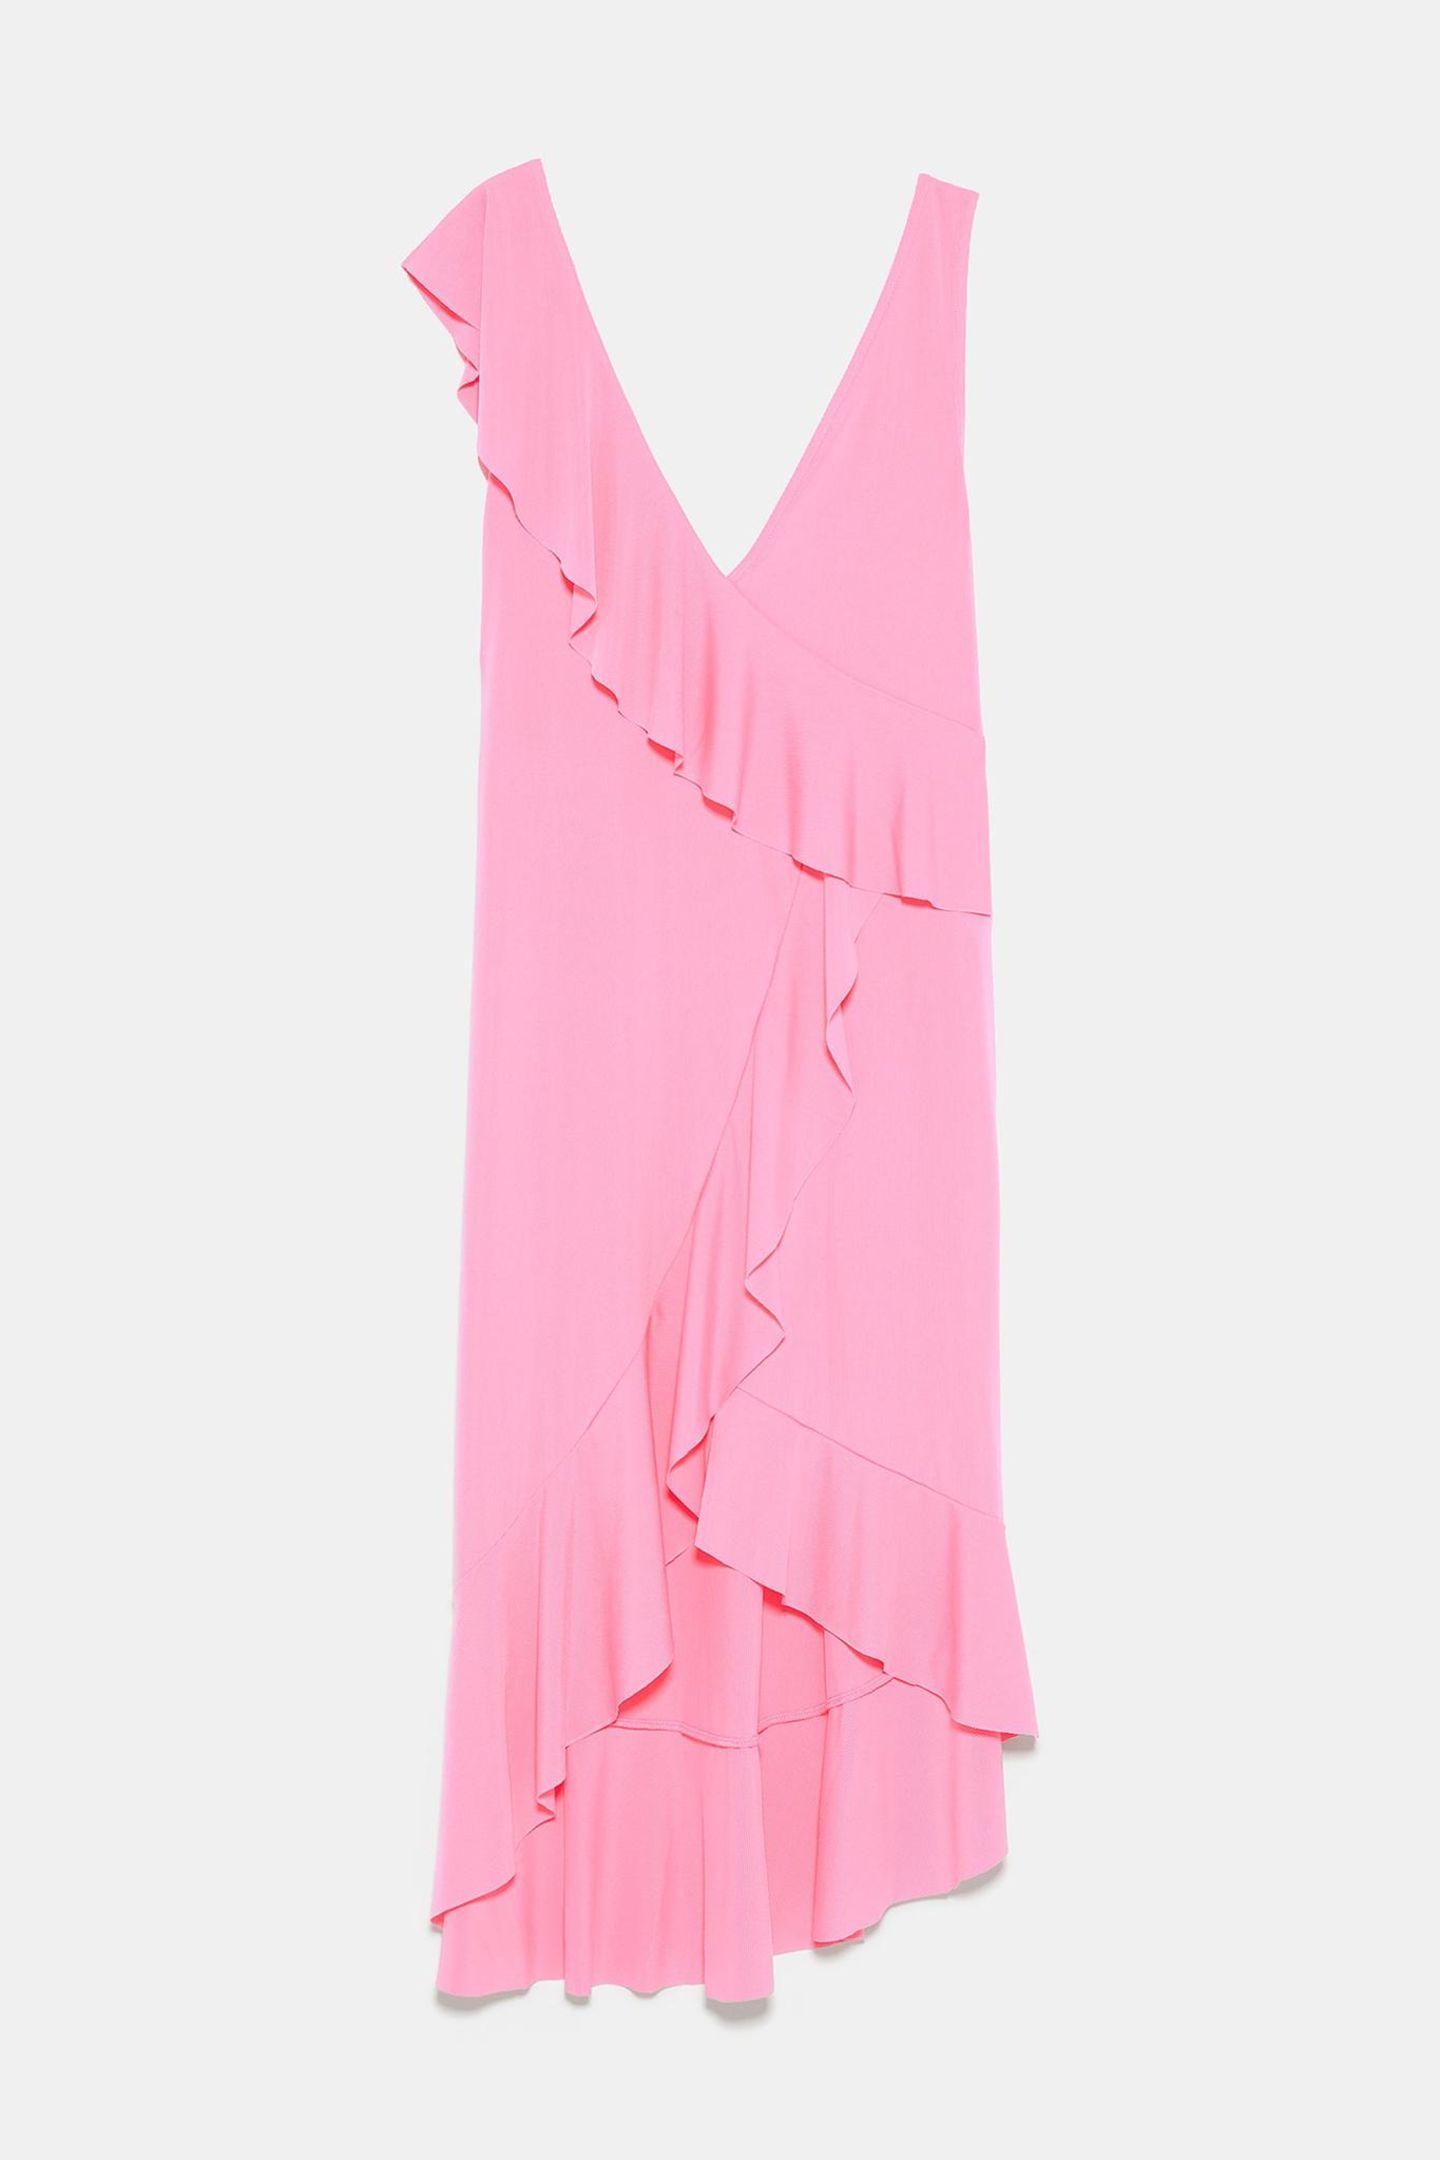 Luftiger Stoff, Midi-Schnitt und die Farbe des Jahres – wer kann da schon widerstehen? Wir nicht und schlagen bei diesem Volant-Kleidchen deswegen direkt zu. Von Zara, um 13 Euro.